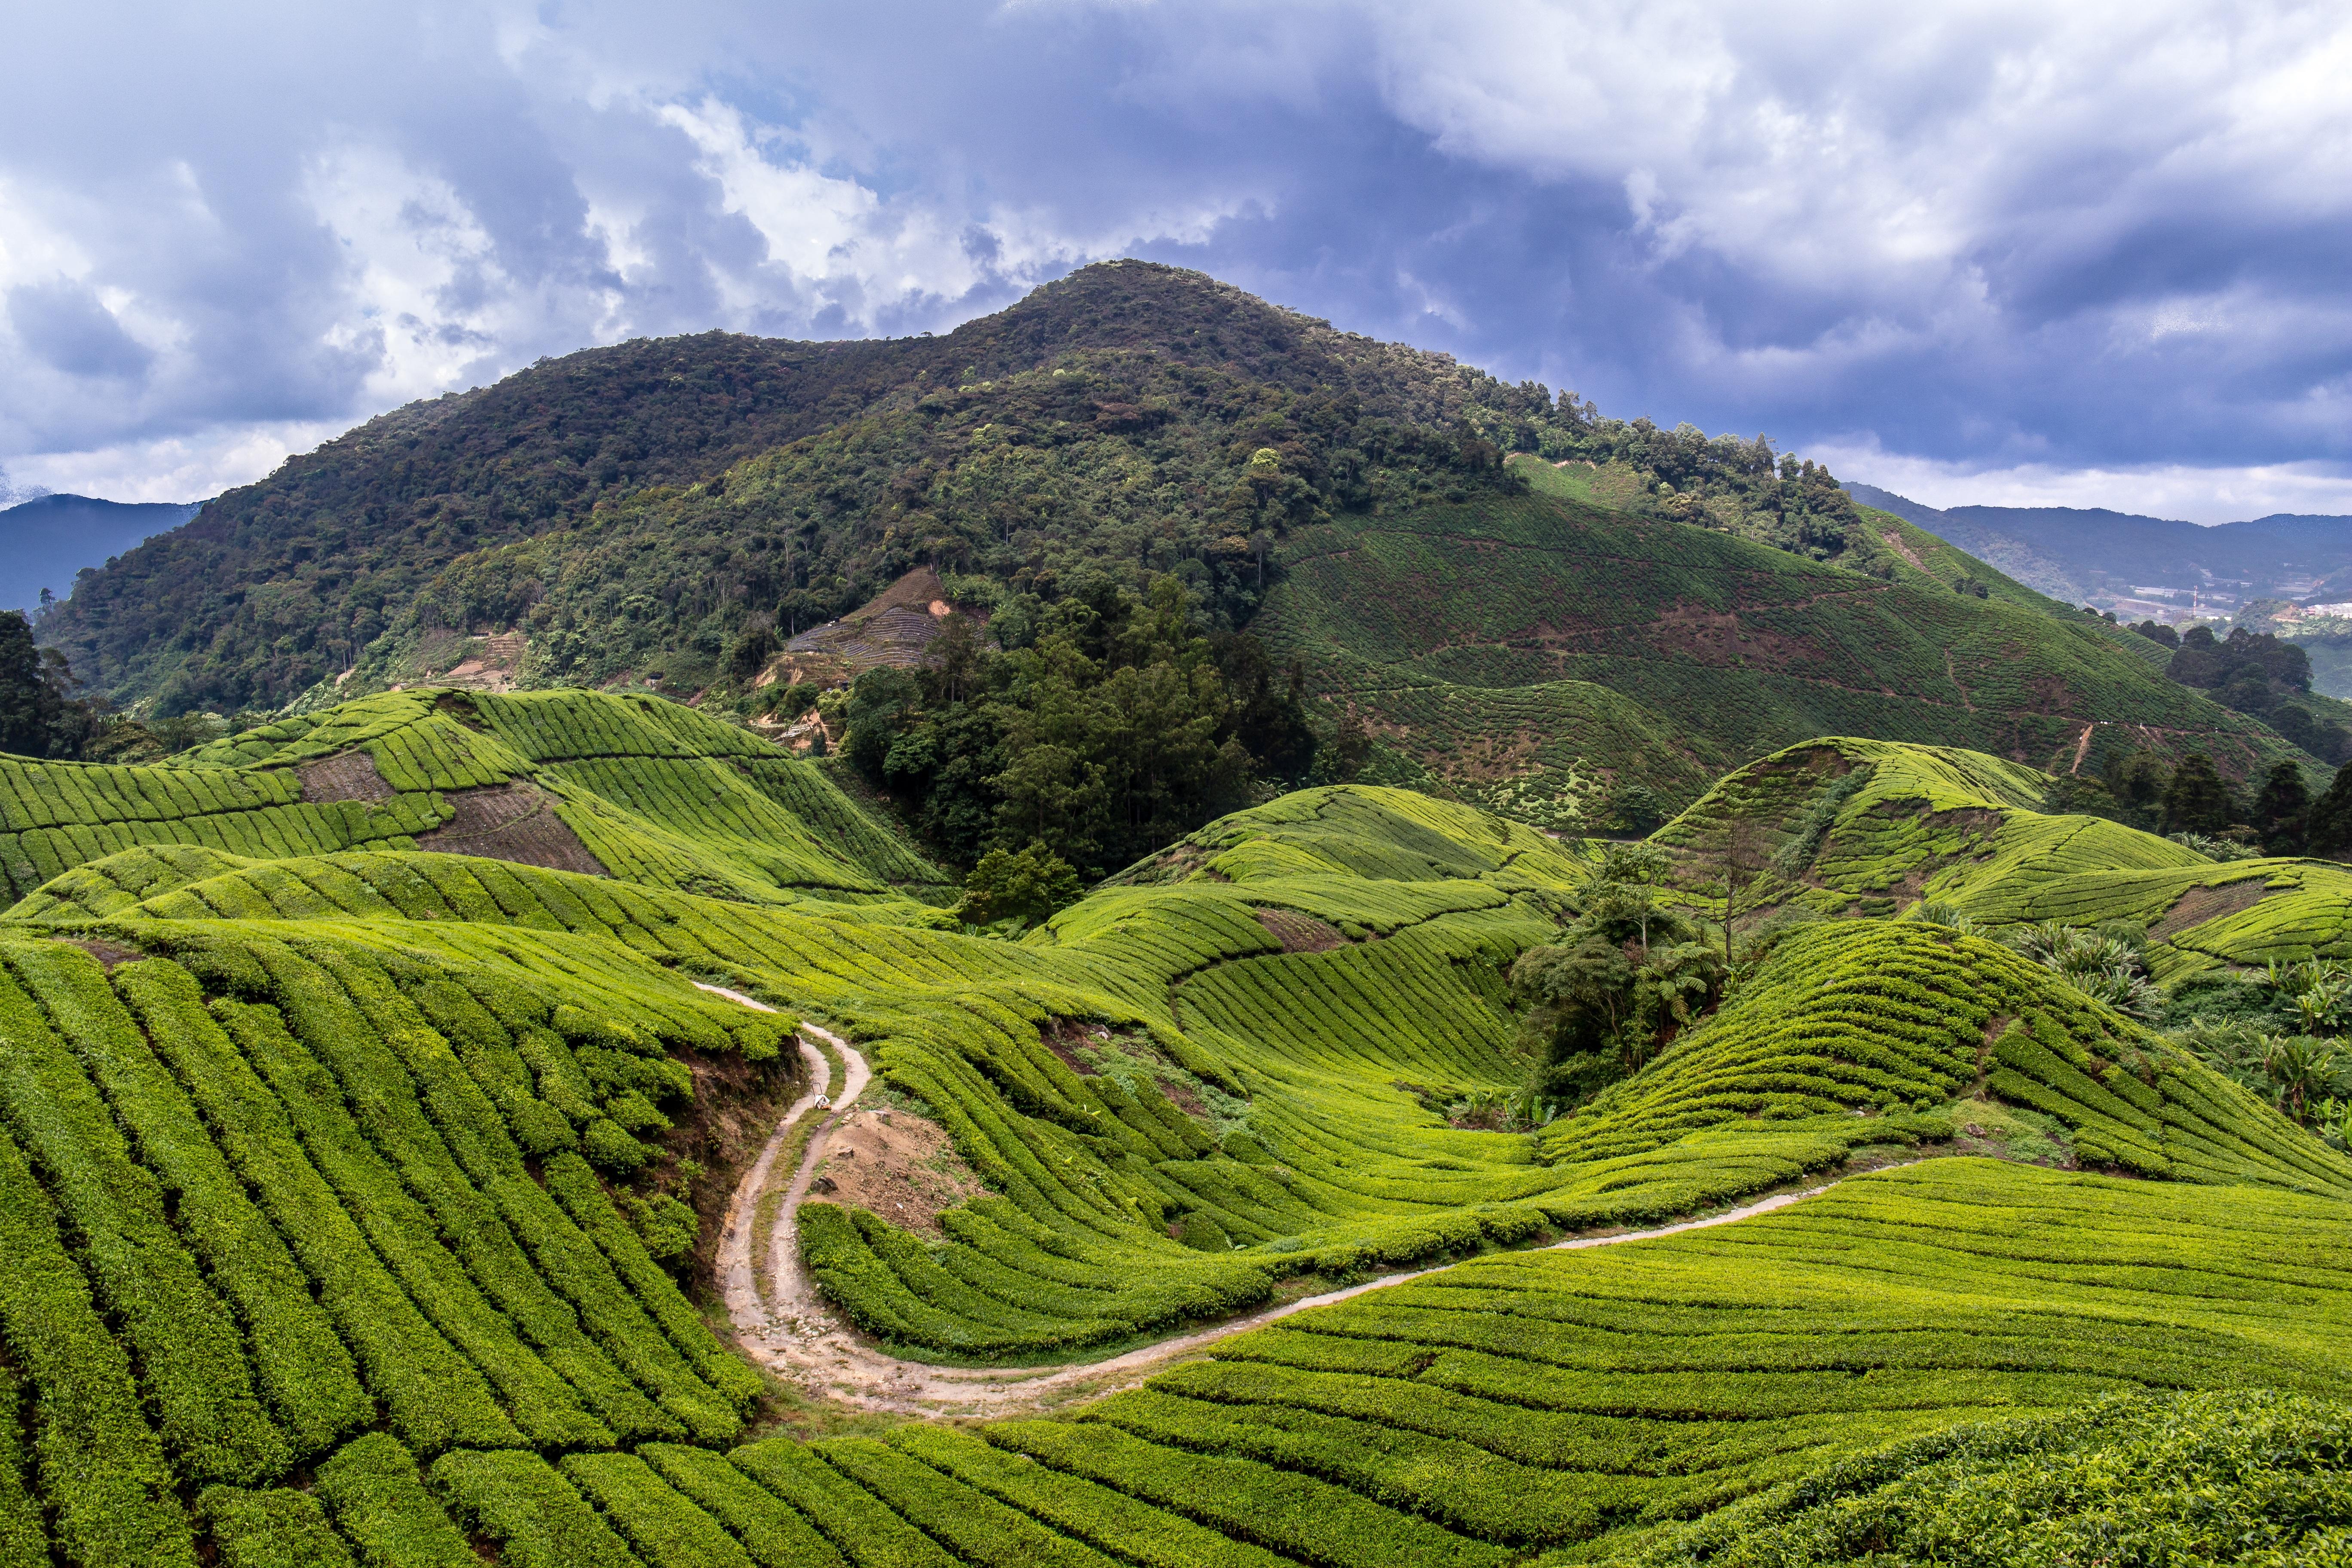 gambar pemandangan gunung bukit lembah pegunungan perjalanan hijau pertanian dataran tinggi teras padang rumput malaysia daerah pedesaan